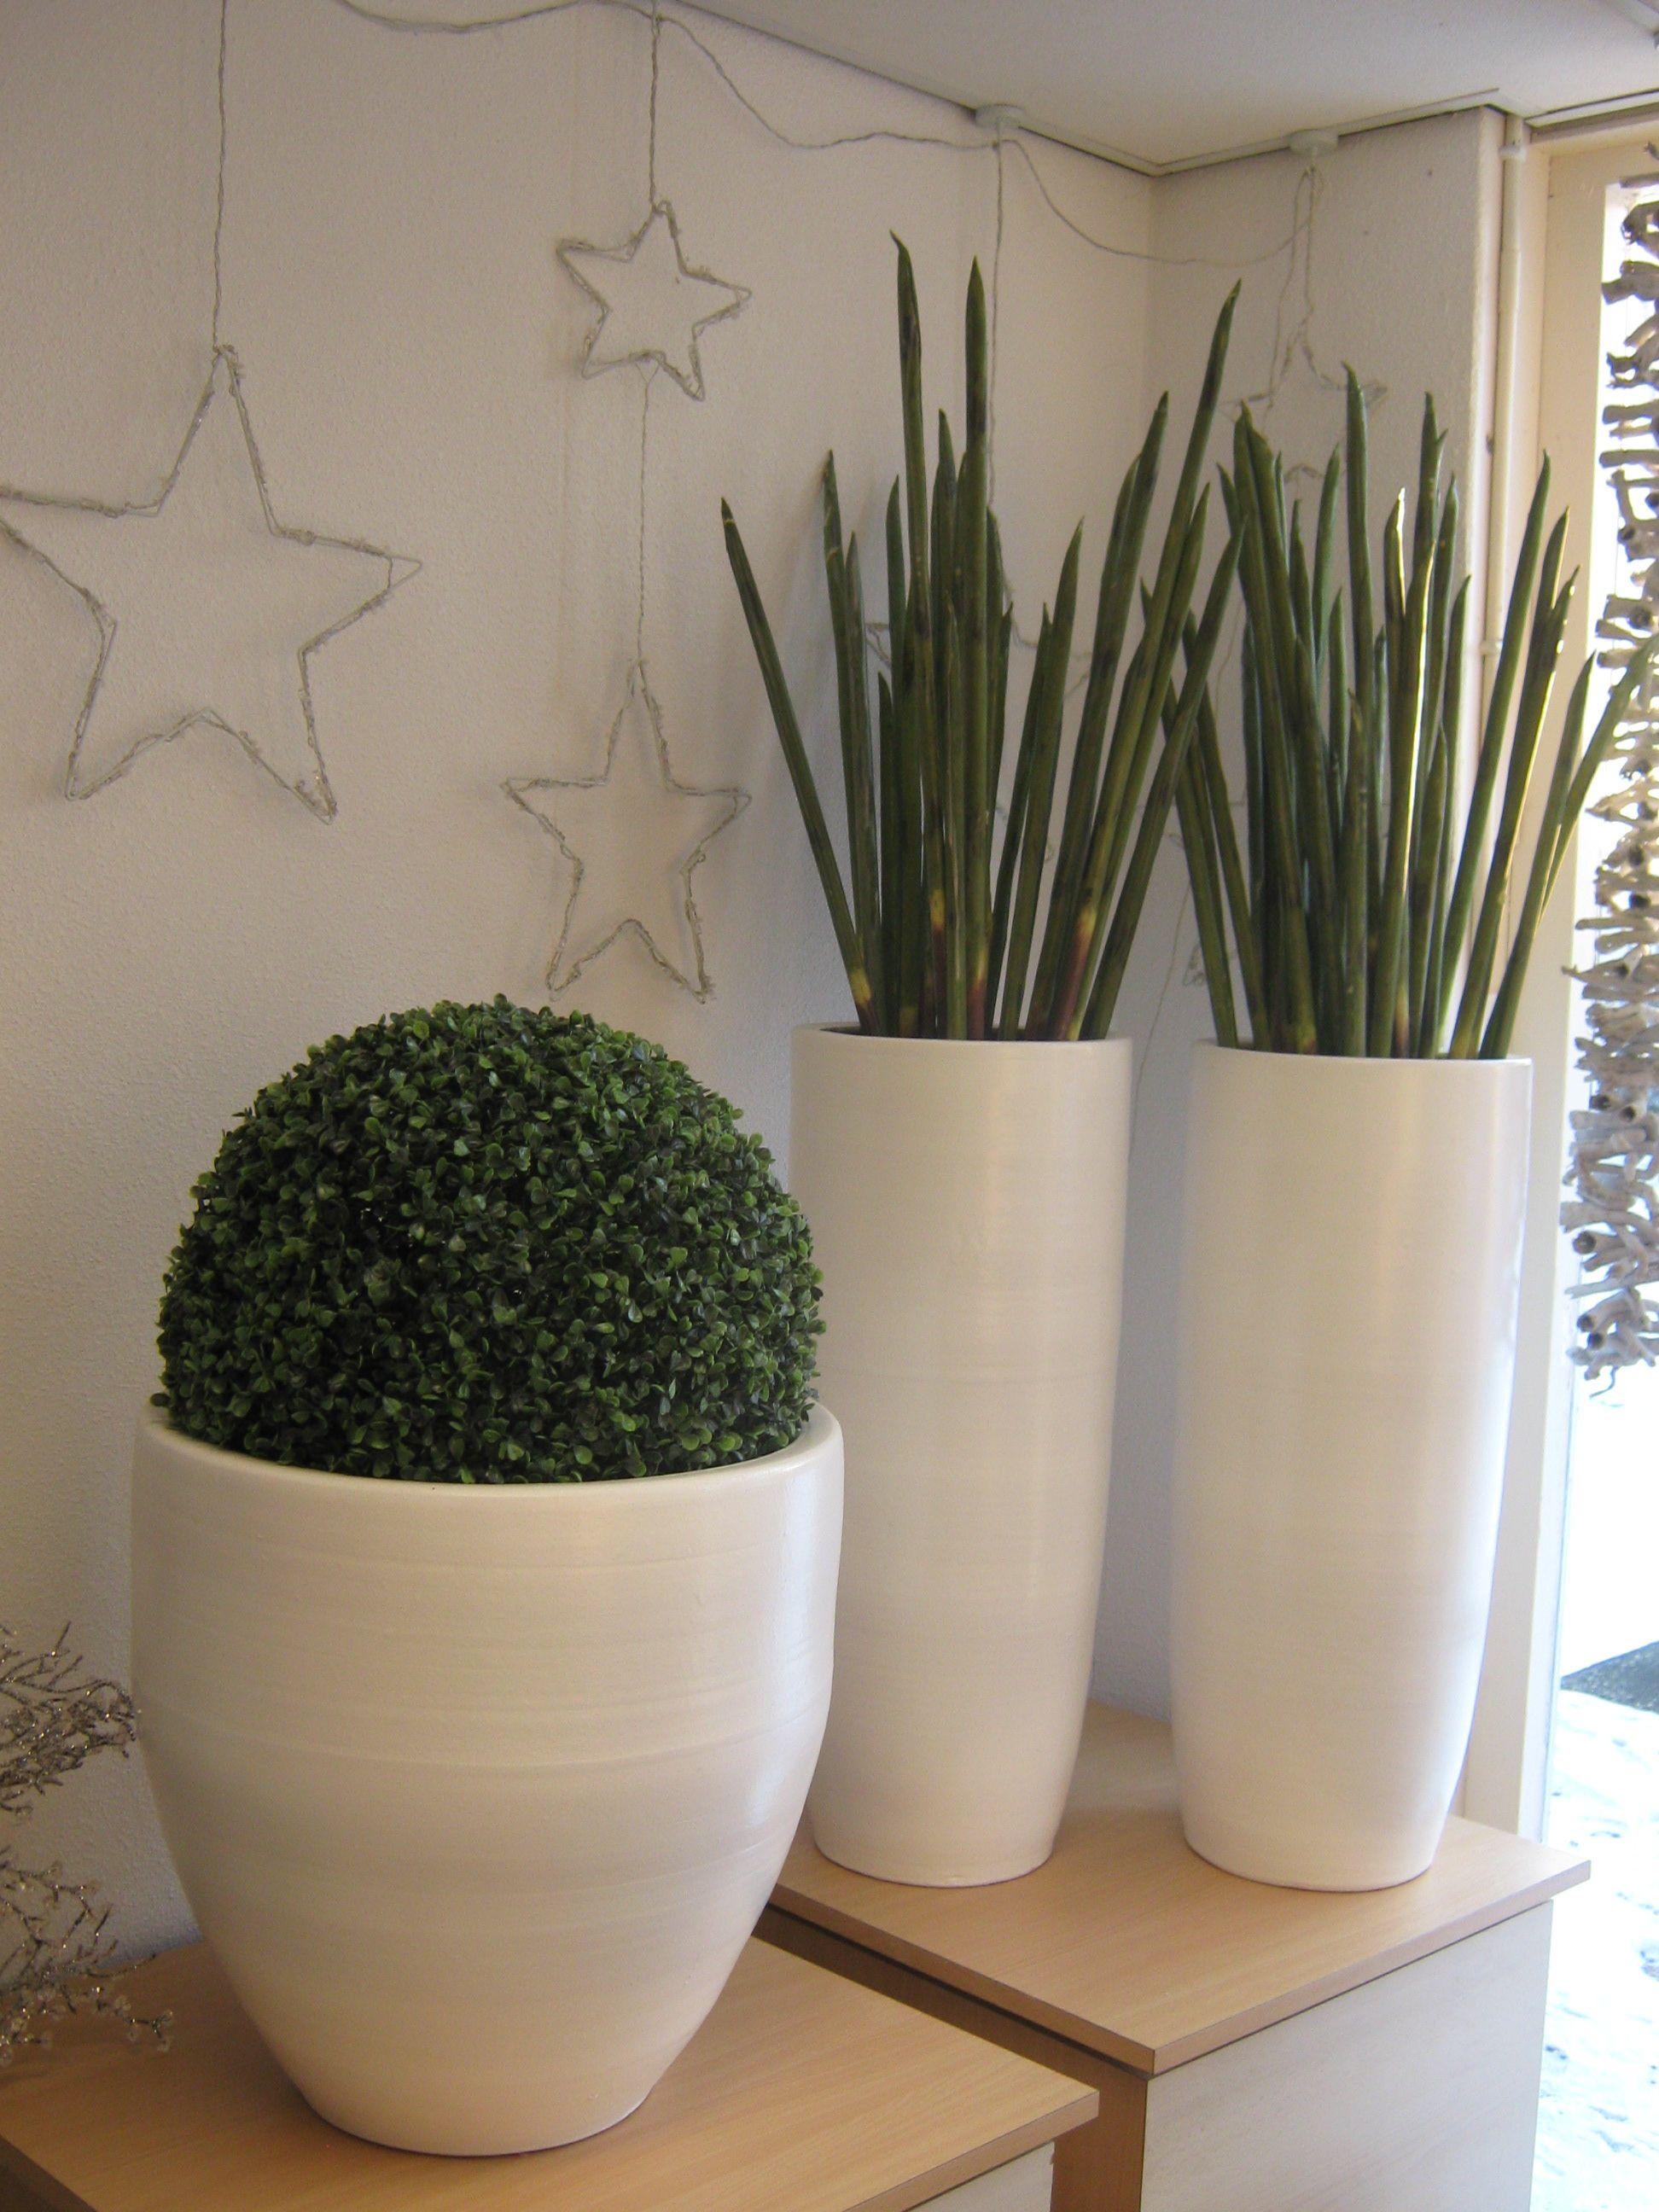 Super hoge vaas, grote pot, www.decoinstijl.nl | office in 2019 - Office #AJ74